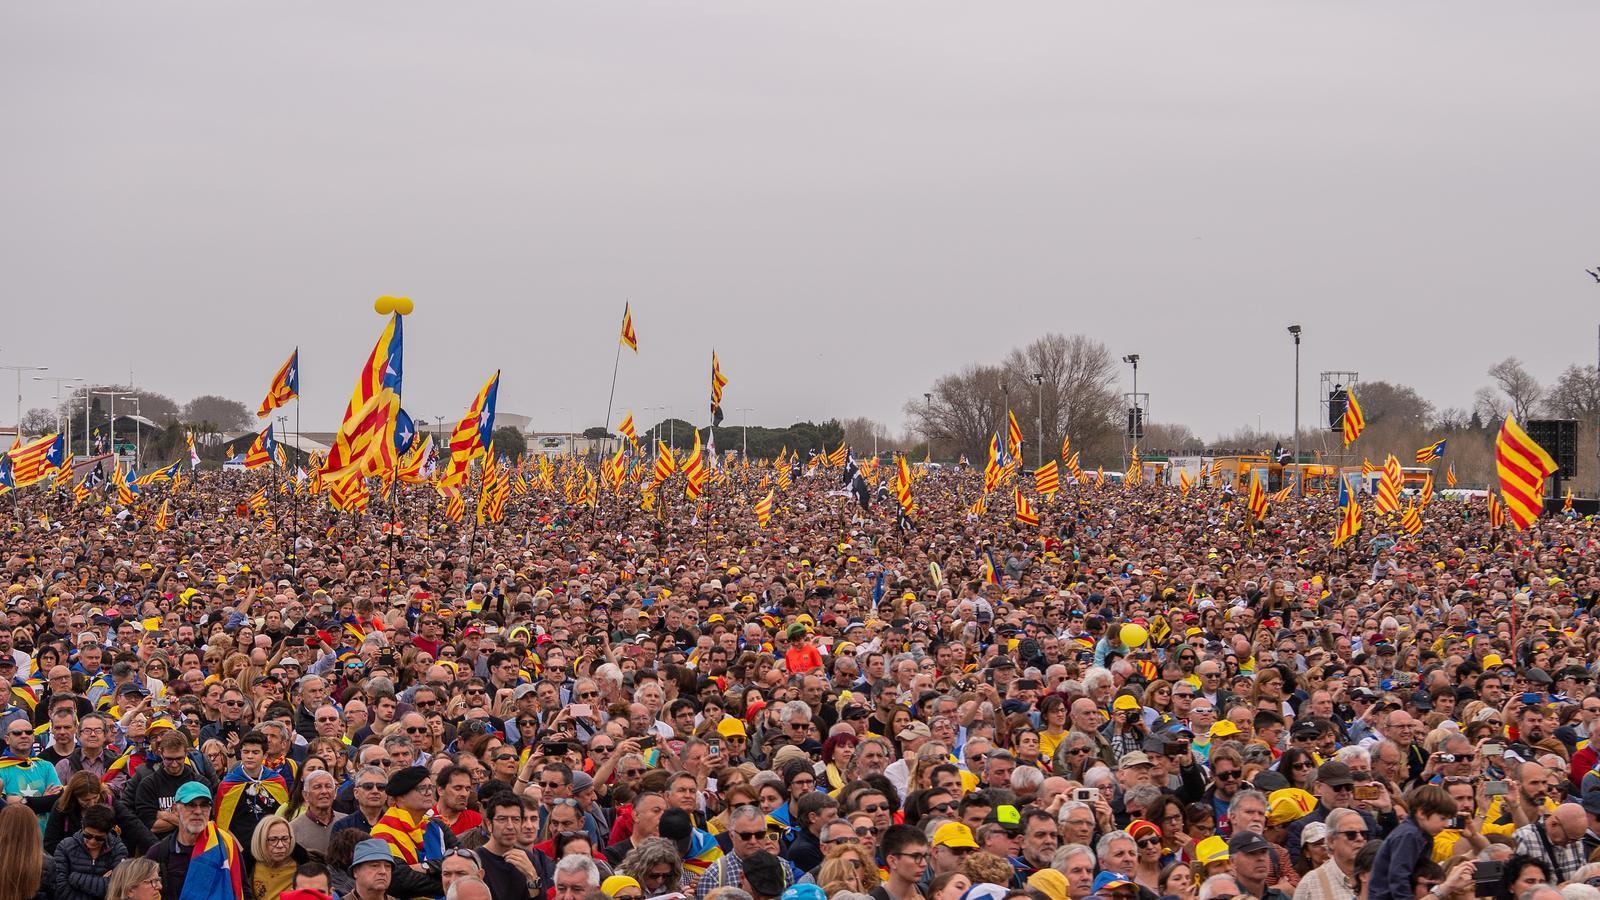 L'Acte massiu a Perpinyà de l'expresident, de Perpinyà en imatges